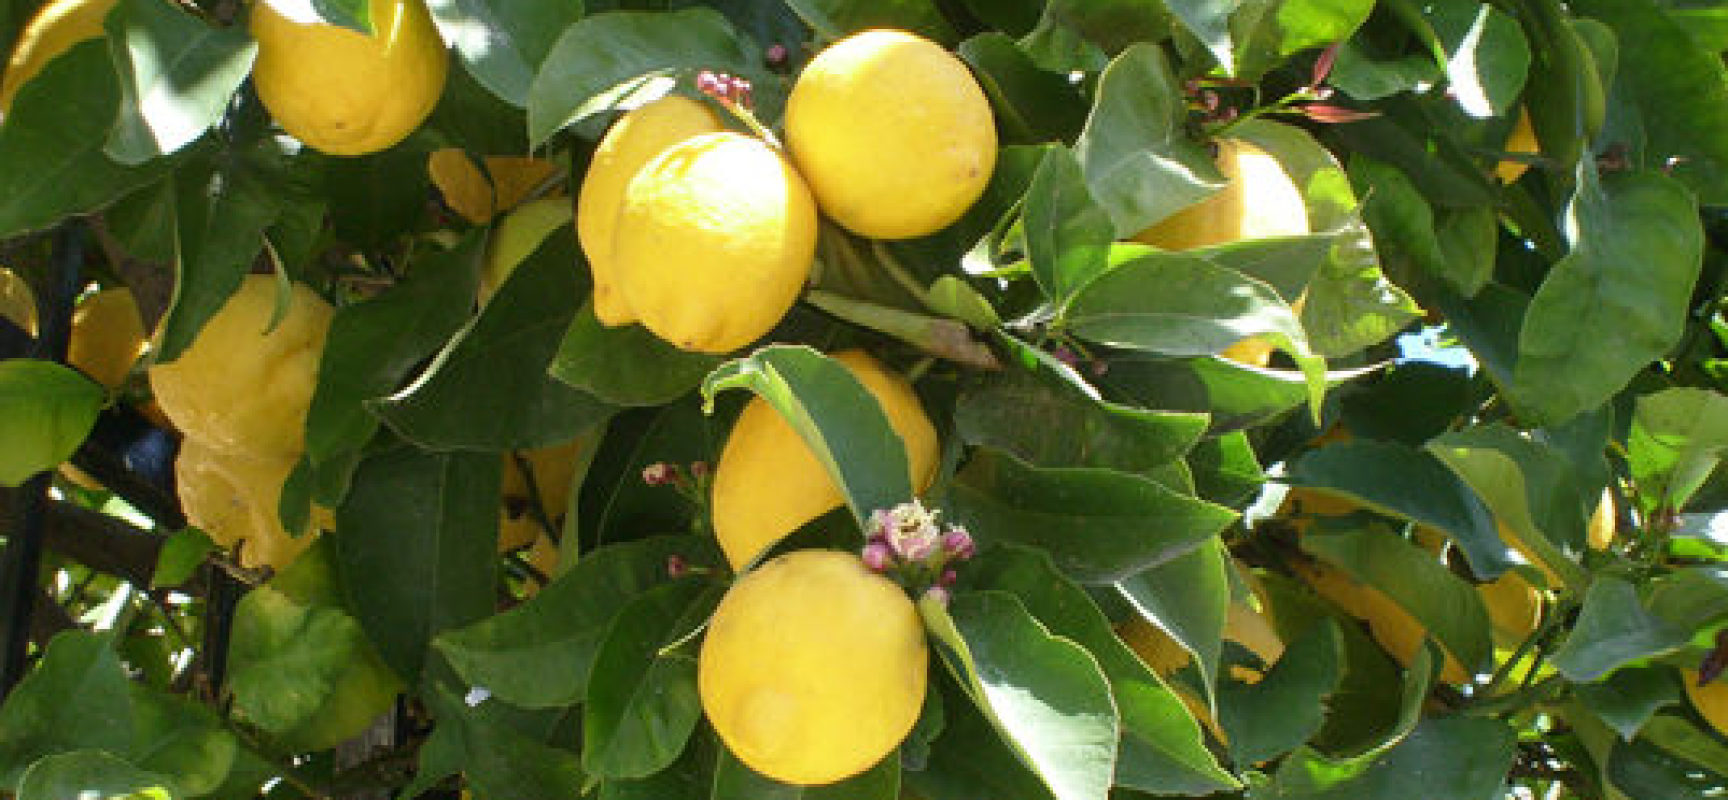 Pianta di limoni in vaso perfect calamondino with pianta for Limoni in vaso